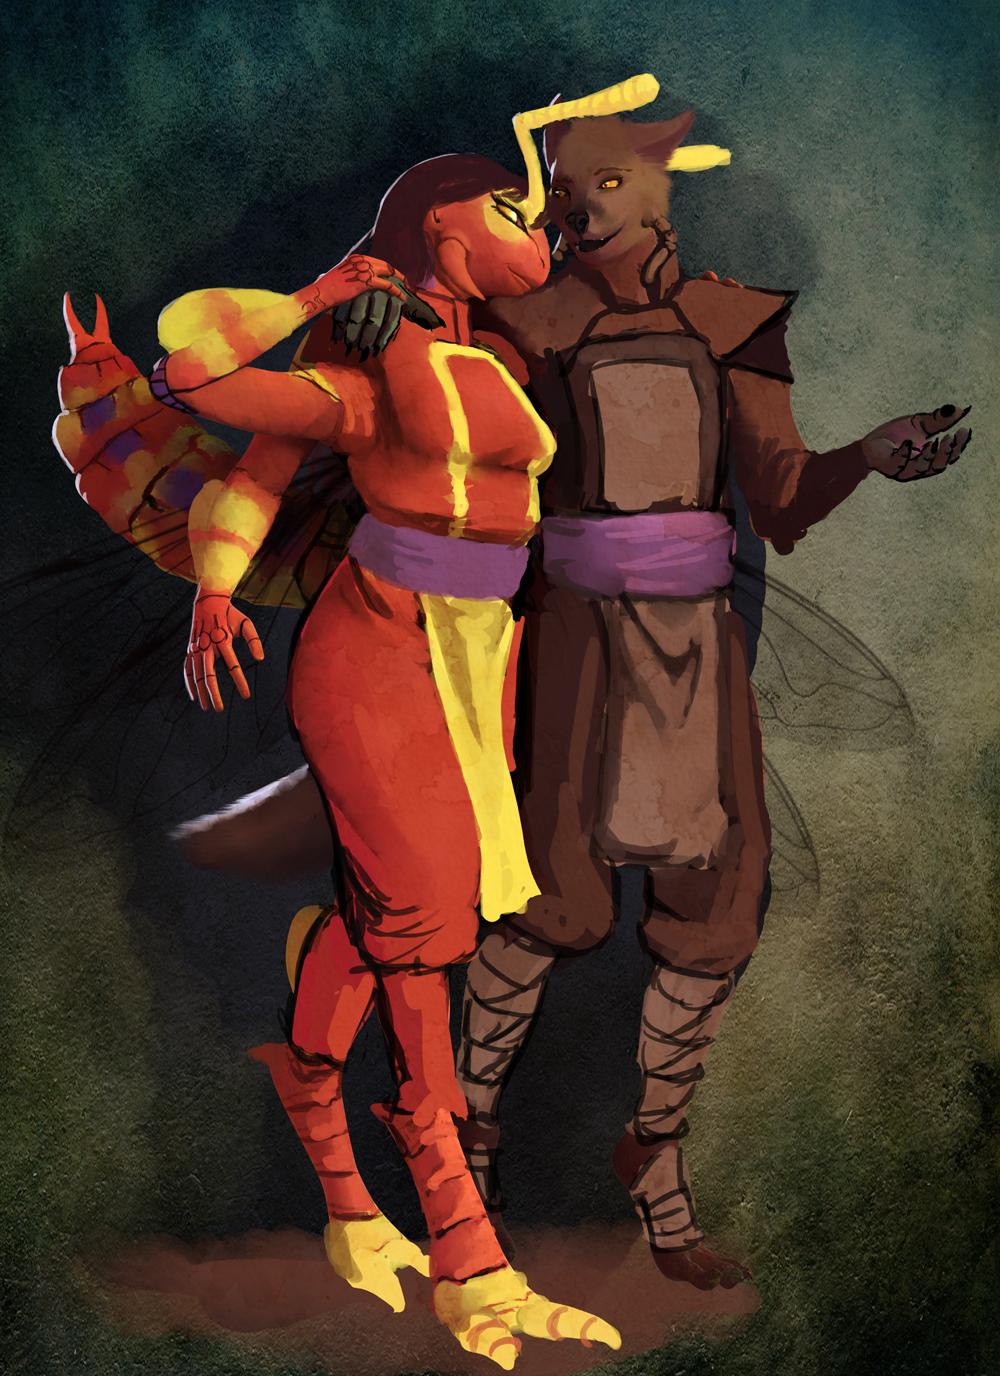 Rdeysheik and Mordosheik